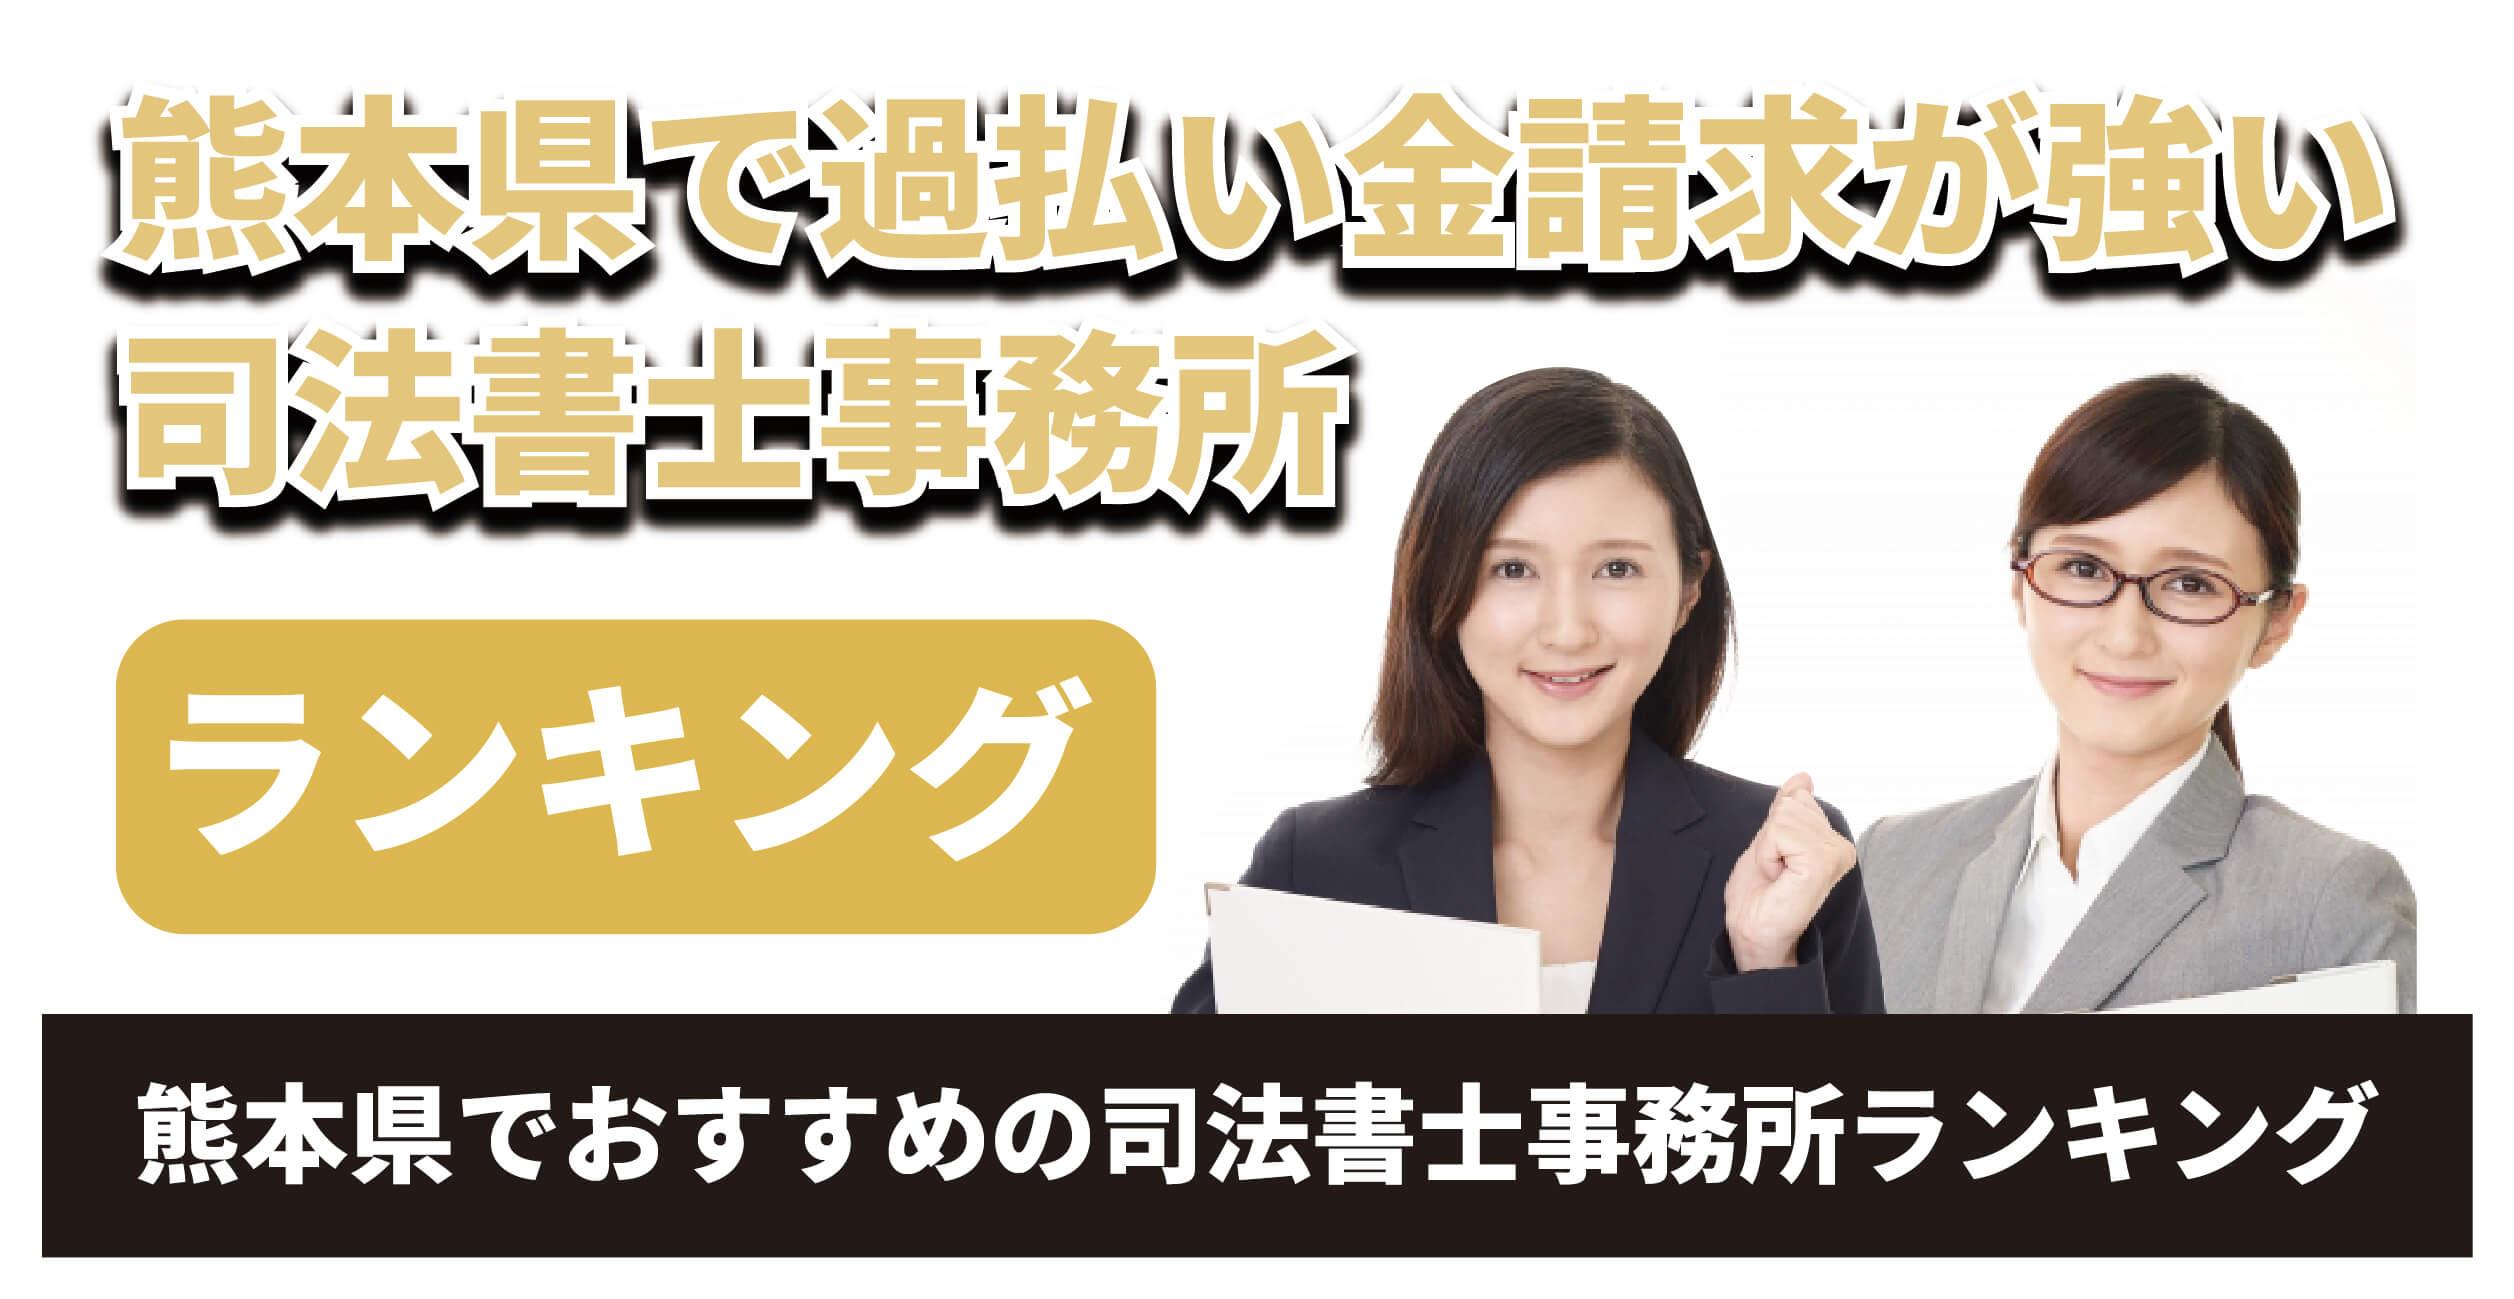 熊本県で過払い金請求に強い司法書士事務所